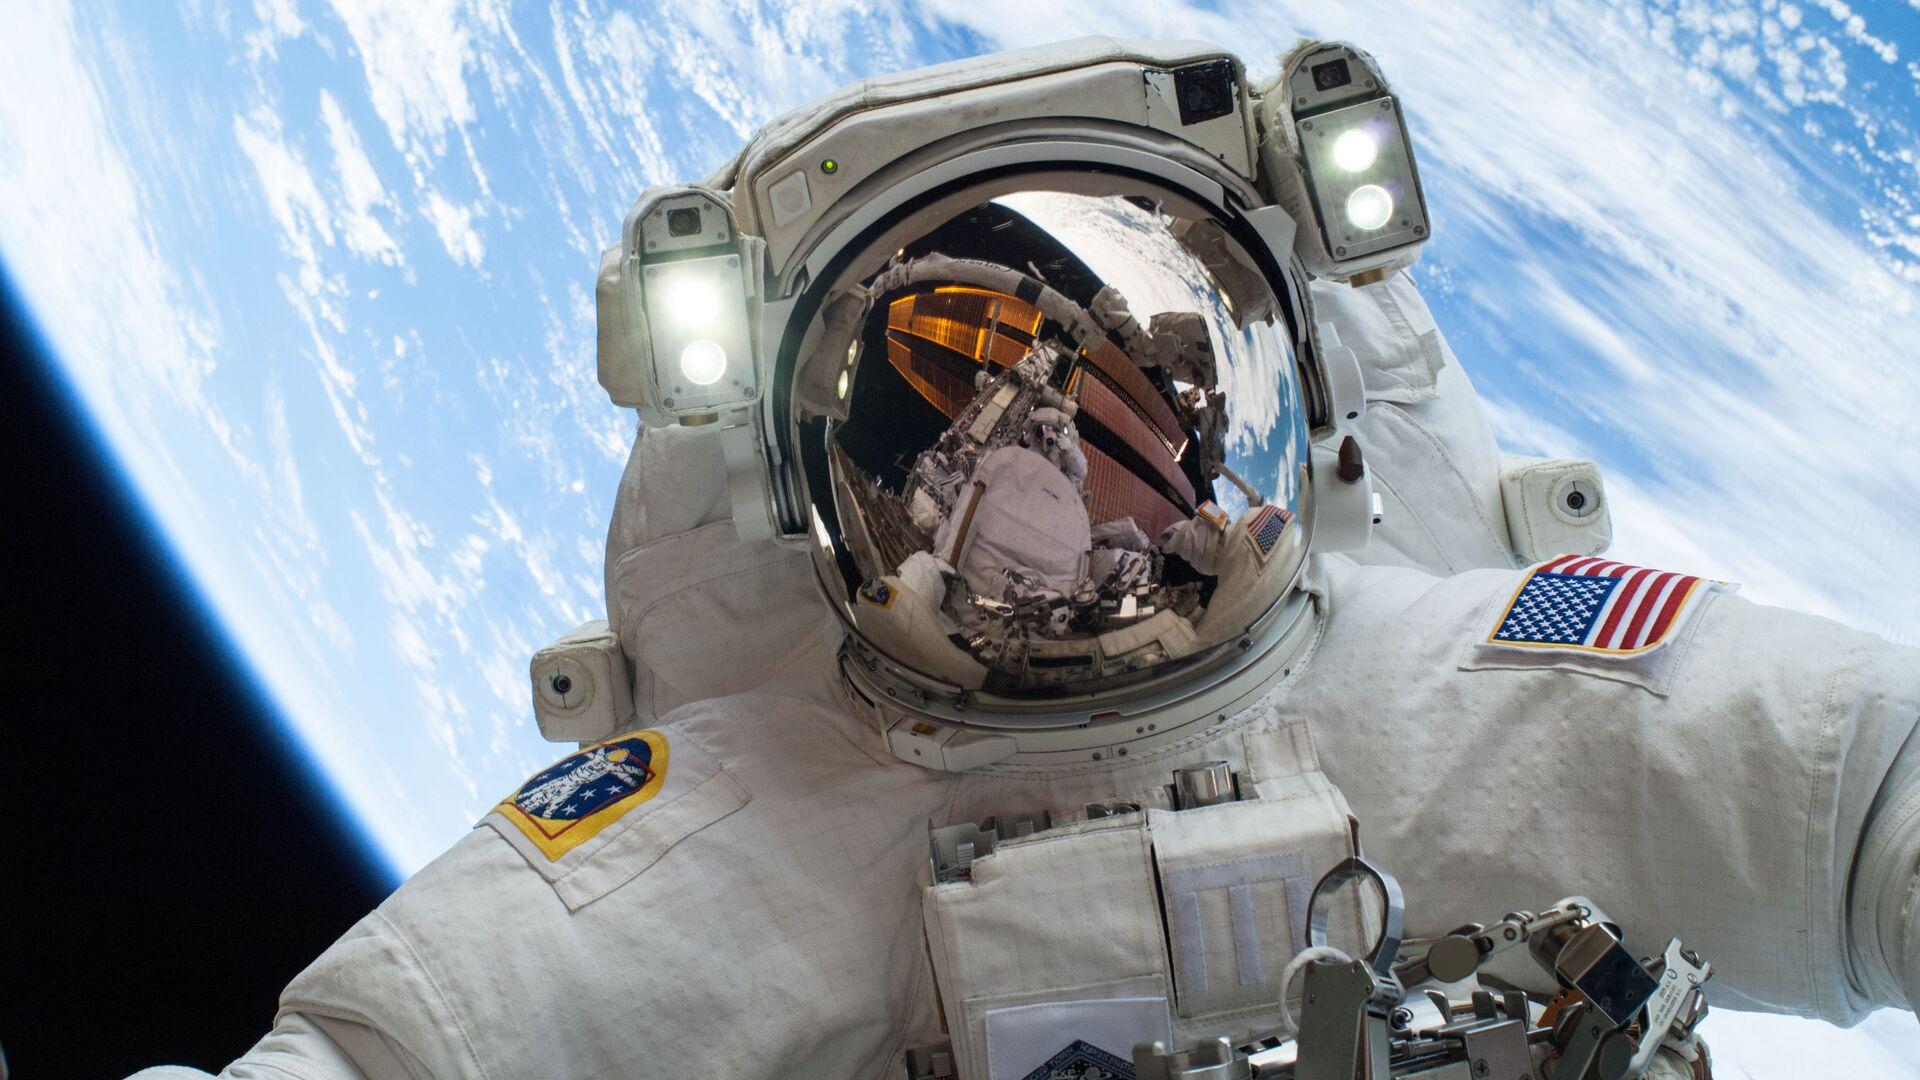 Un astronauta en el espacio, foto referencial - Sputnik Mundo, 1920, 20.06.2021